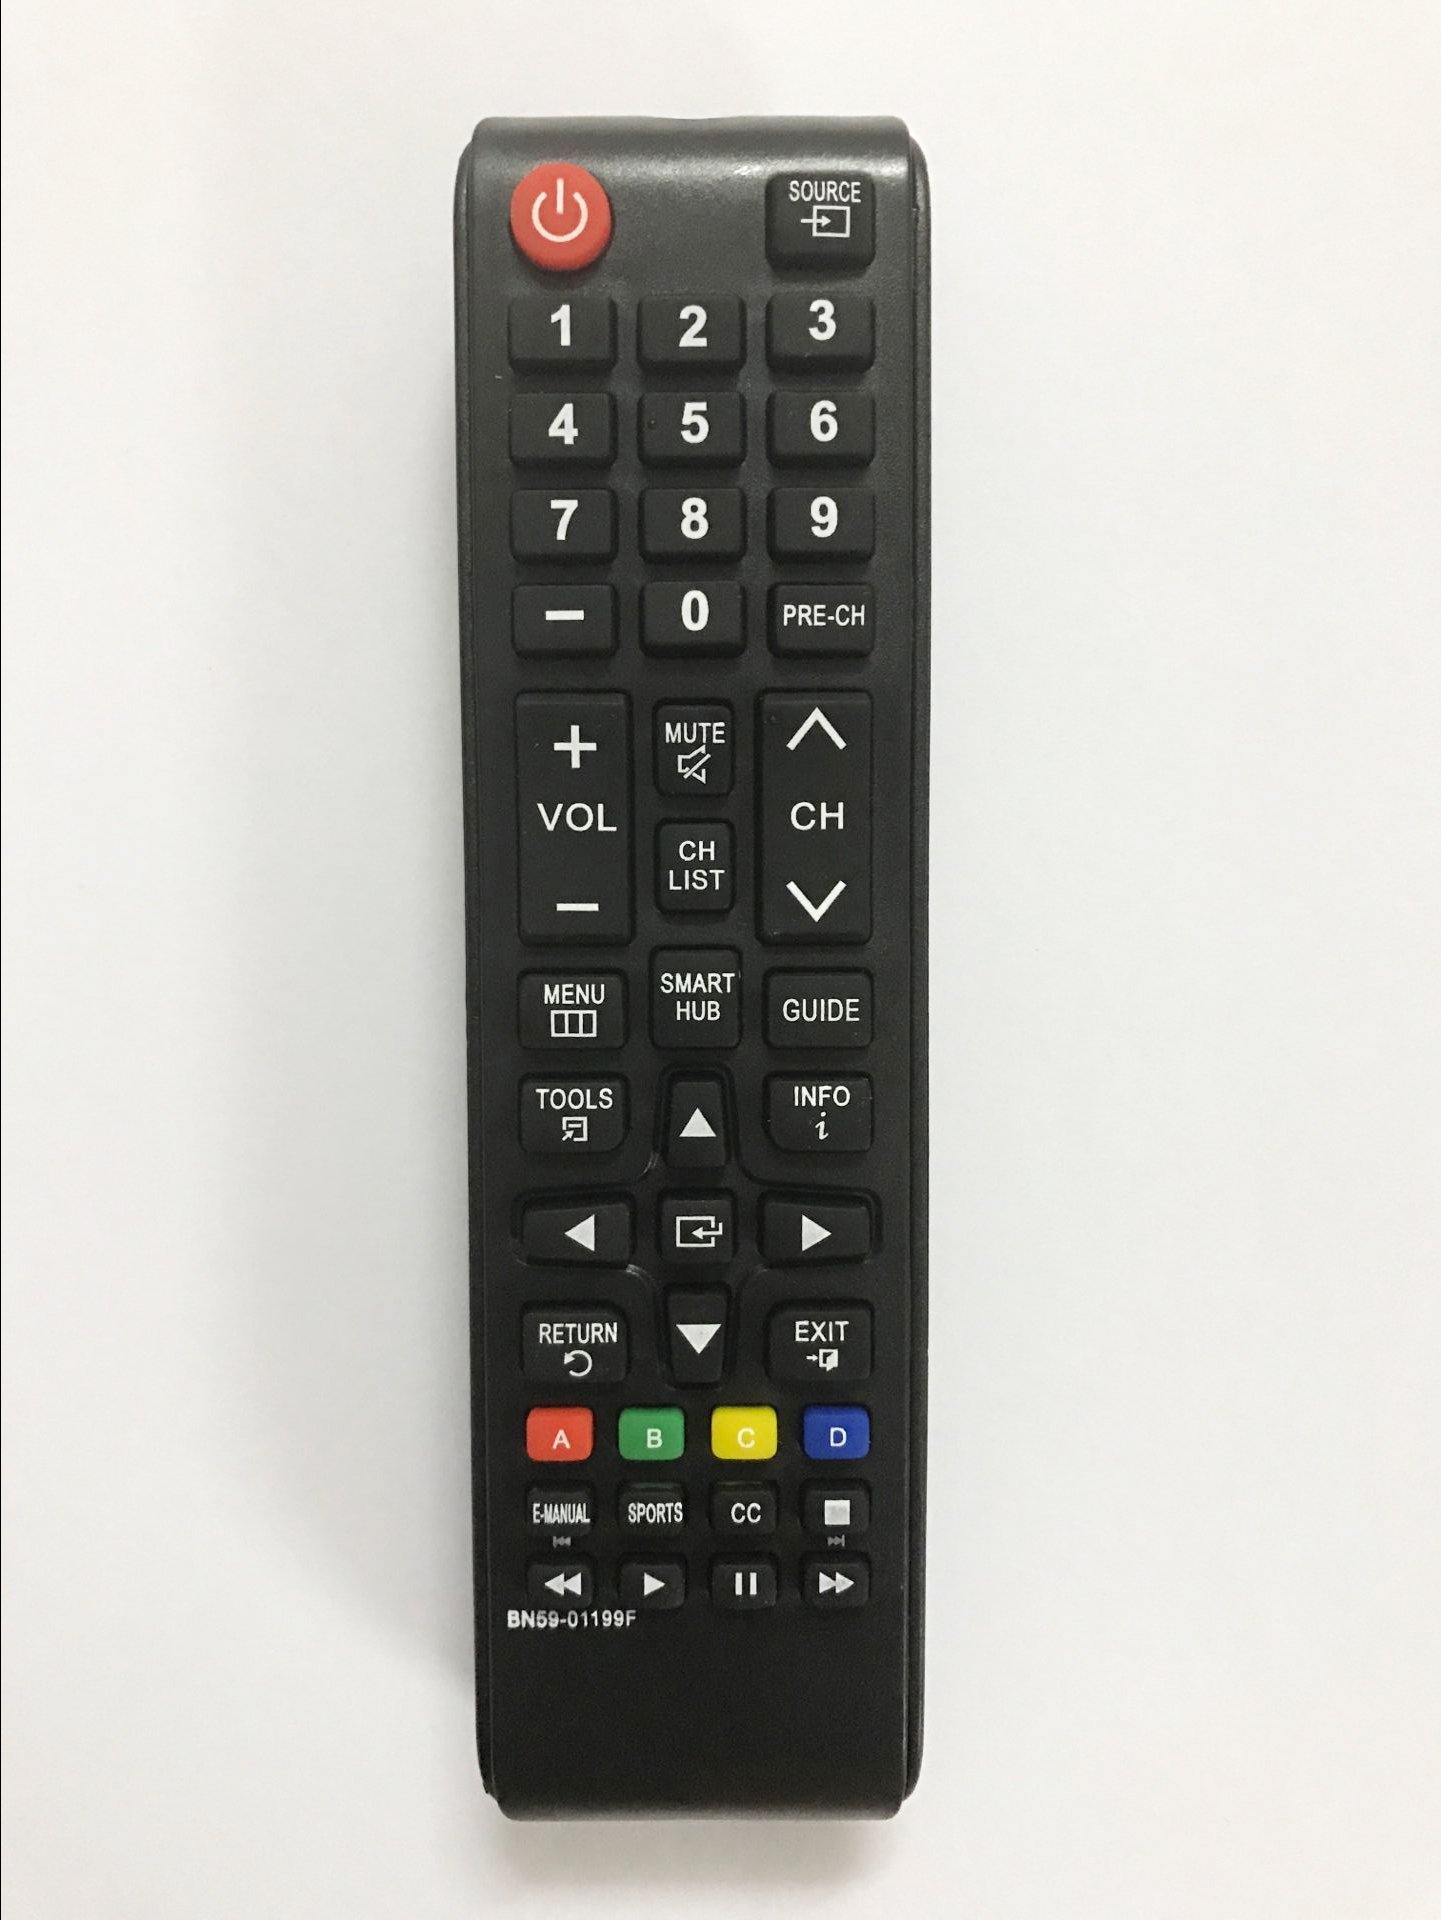 Replacement Remote Controller use for UN50J6200 UN40J5200 UN43J5200 Samsung Smart LED TV